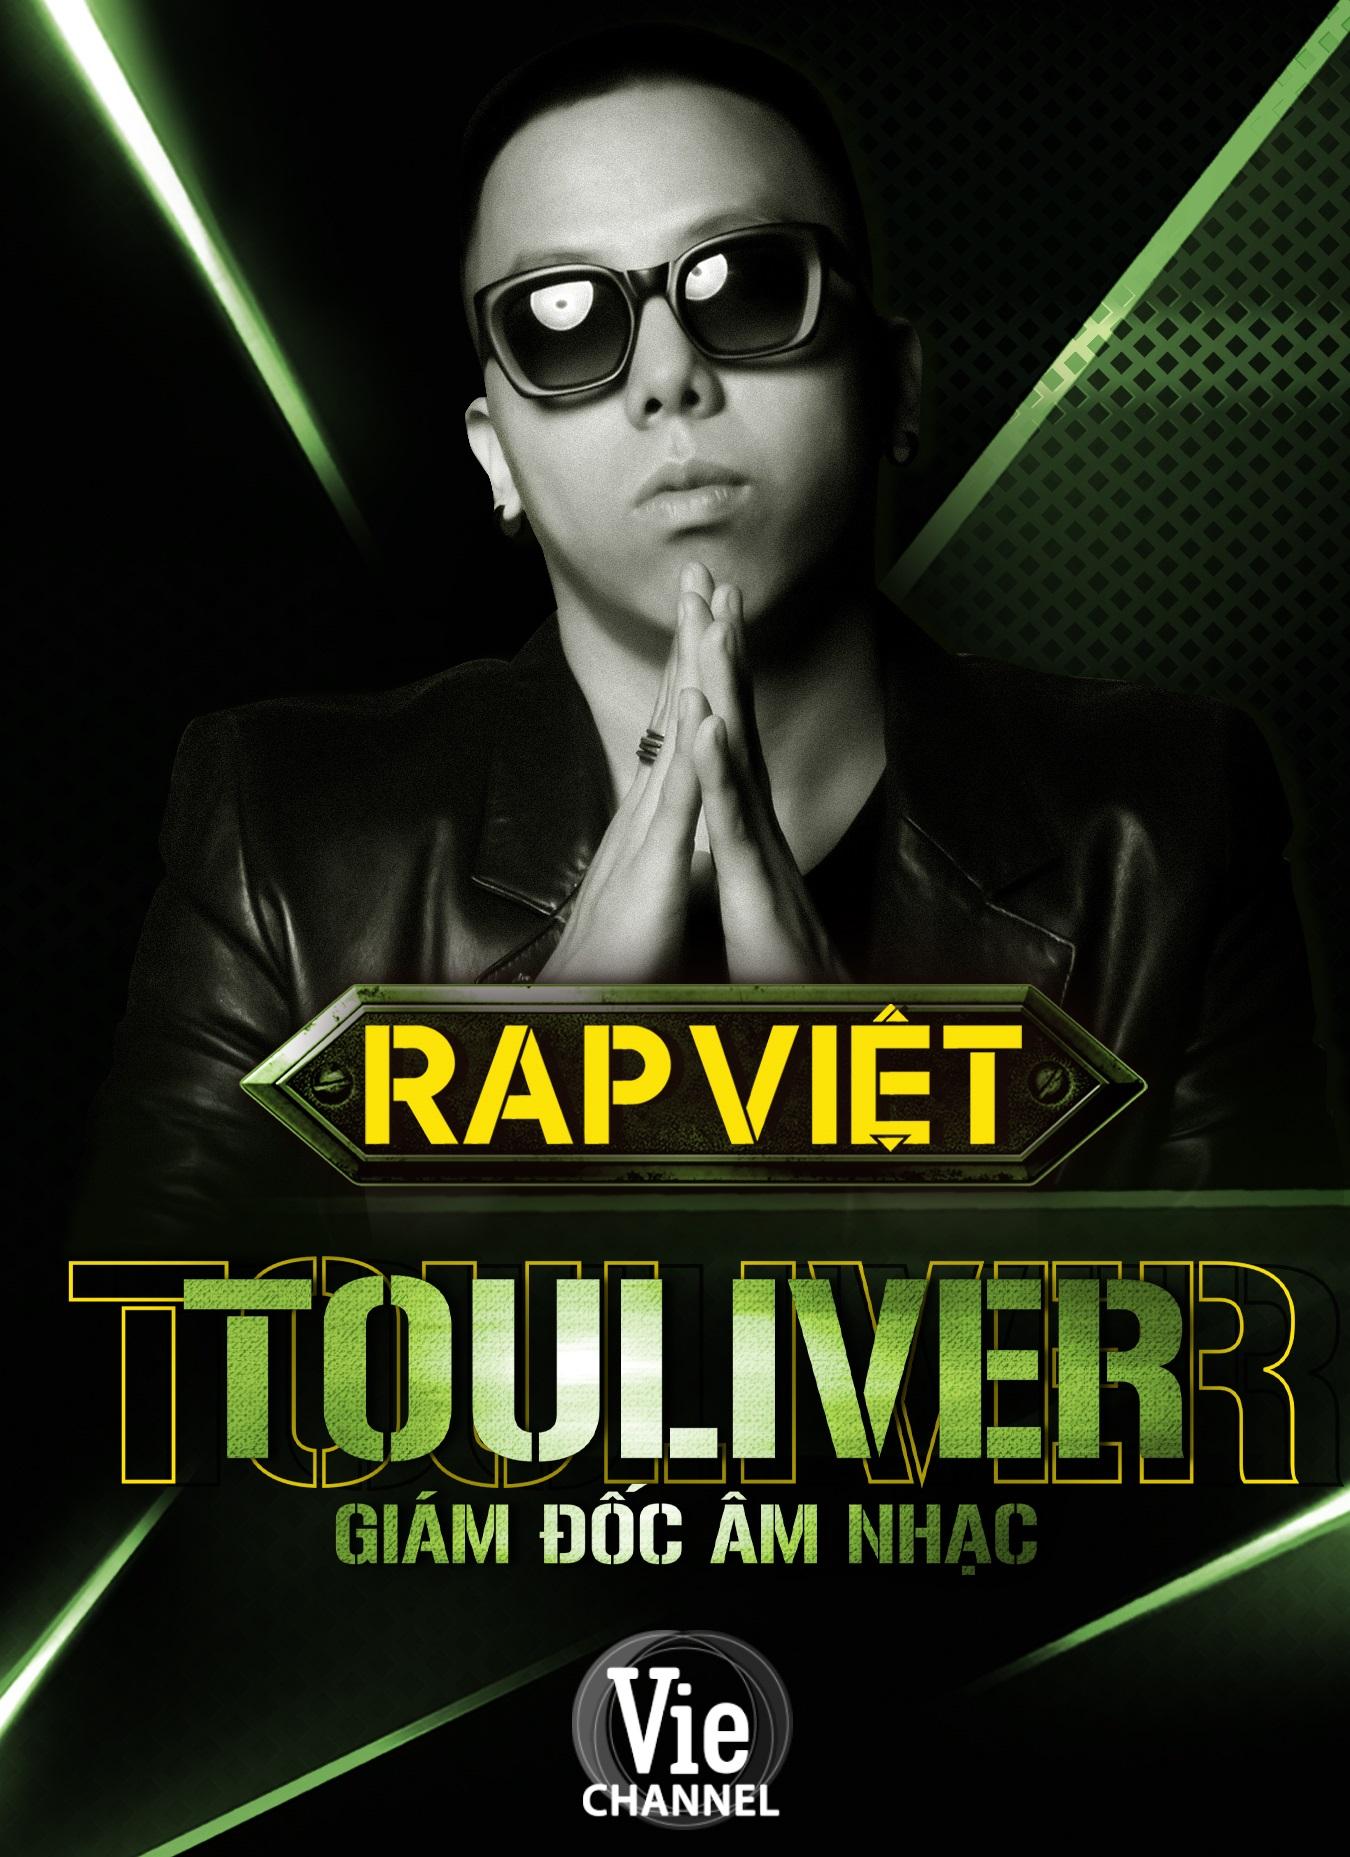 """Rap Việt: Ghế nóng ngập tràn những """"ông trùm"""", dân mạng sôi sục đi tìm nhân vật bí ẩn cuối cùng - Ảnh 1"""